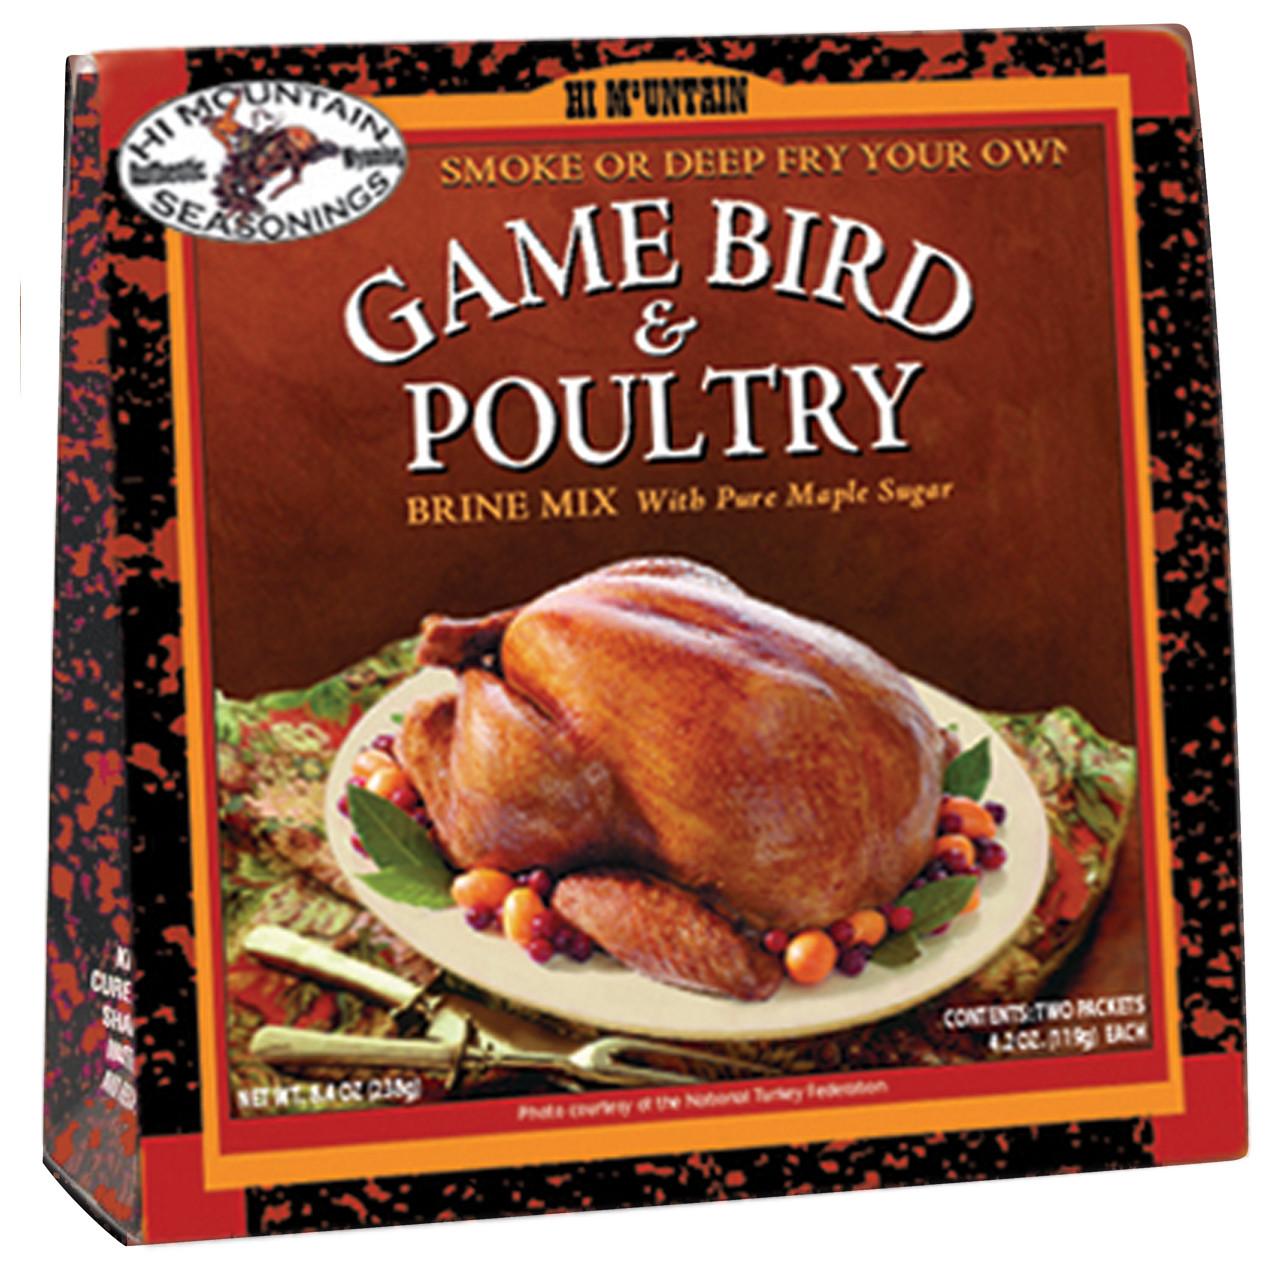 Game Bird & Poultry Brine Mix